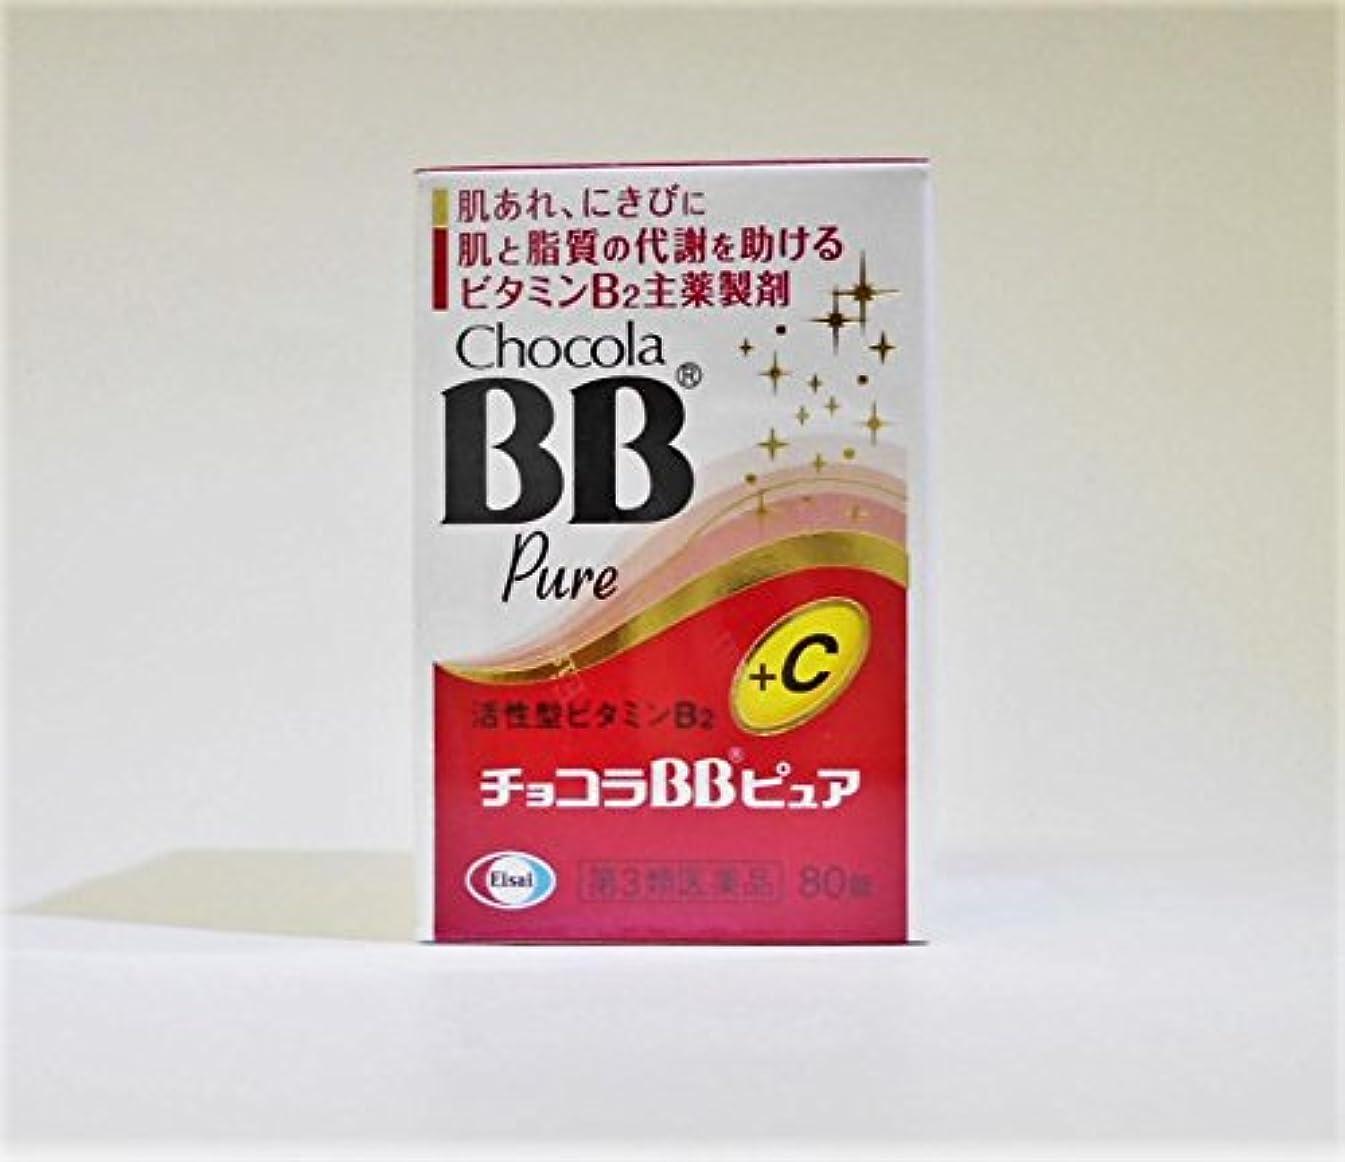 唇運搬フィクション【第3類医薬品】チョコラBBピュア 80錠 ×2